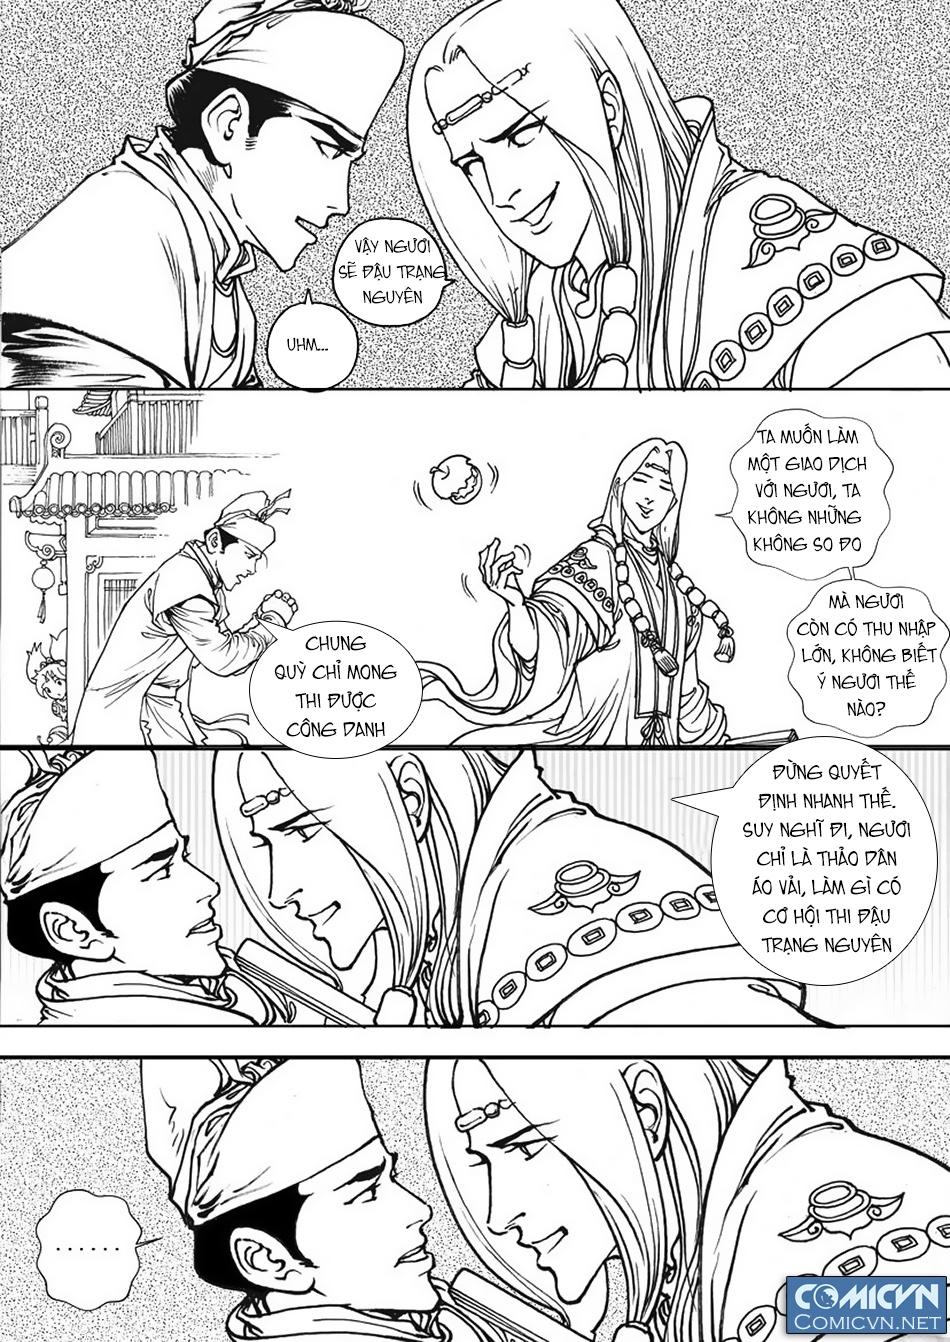 Chung Quỳ Truyền Kỳ Chap 39 - Next Chap 40